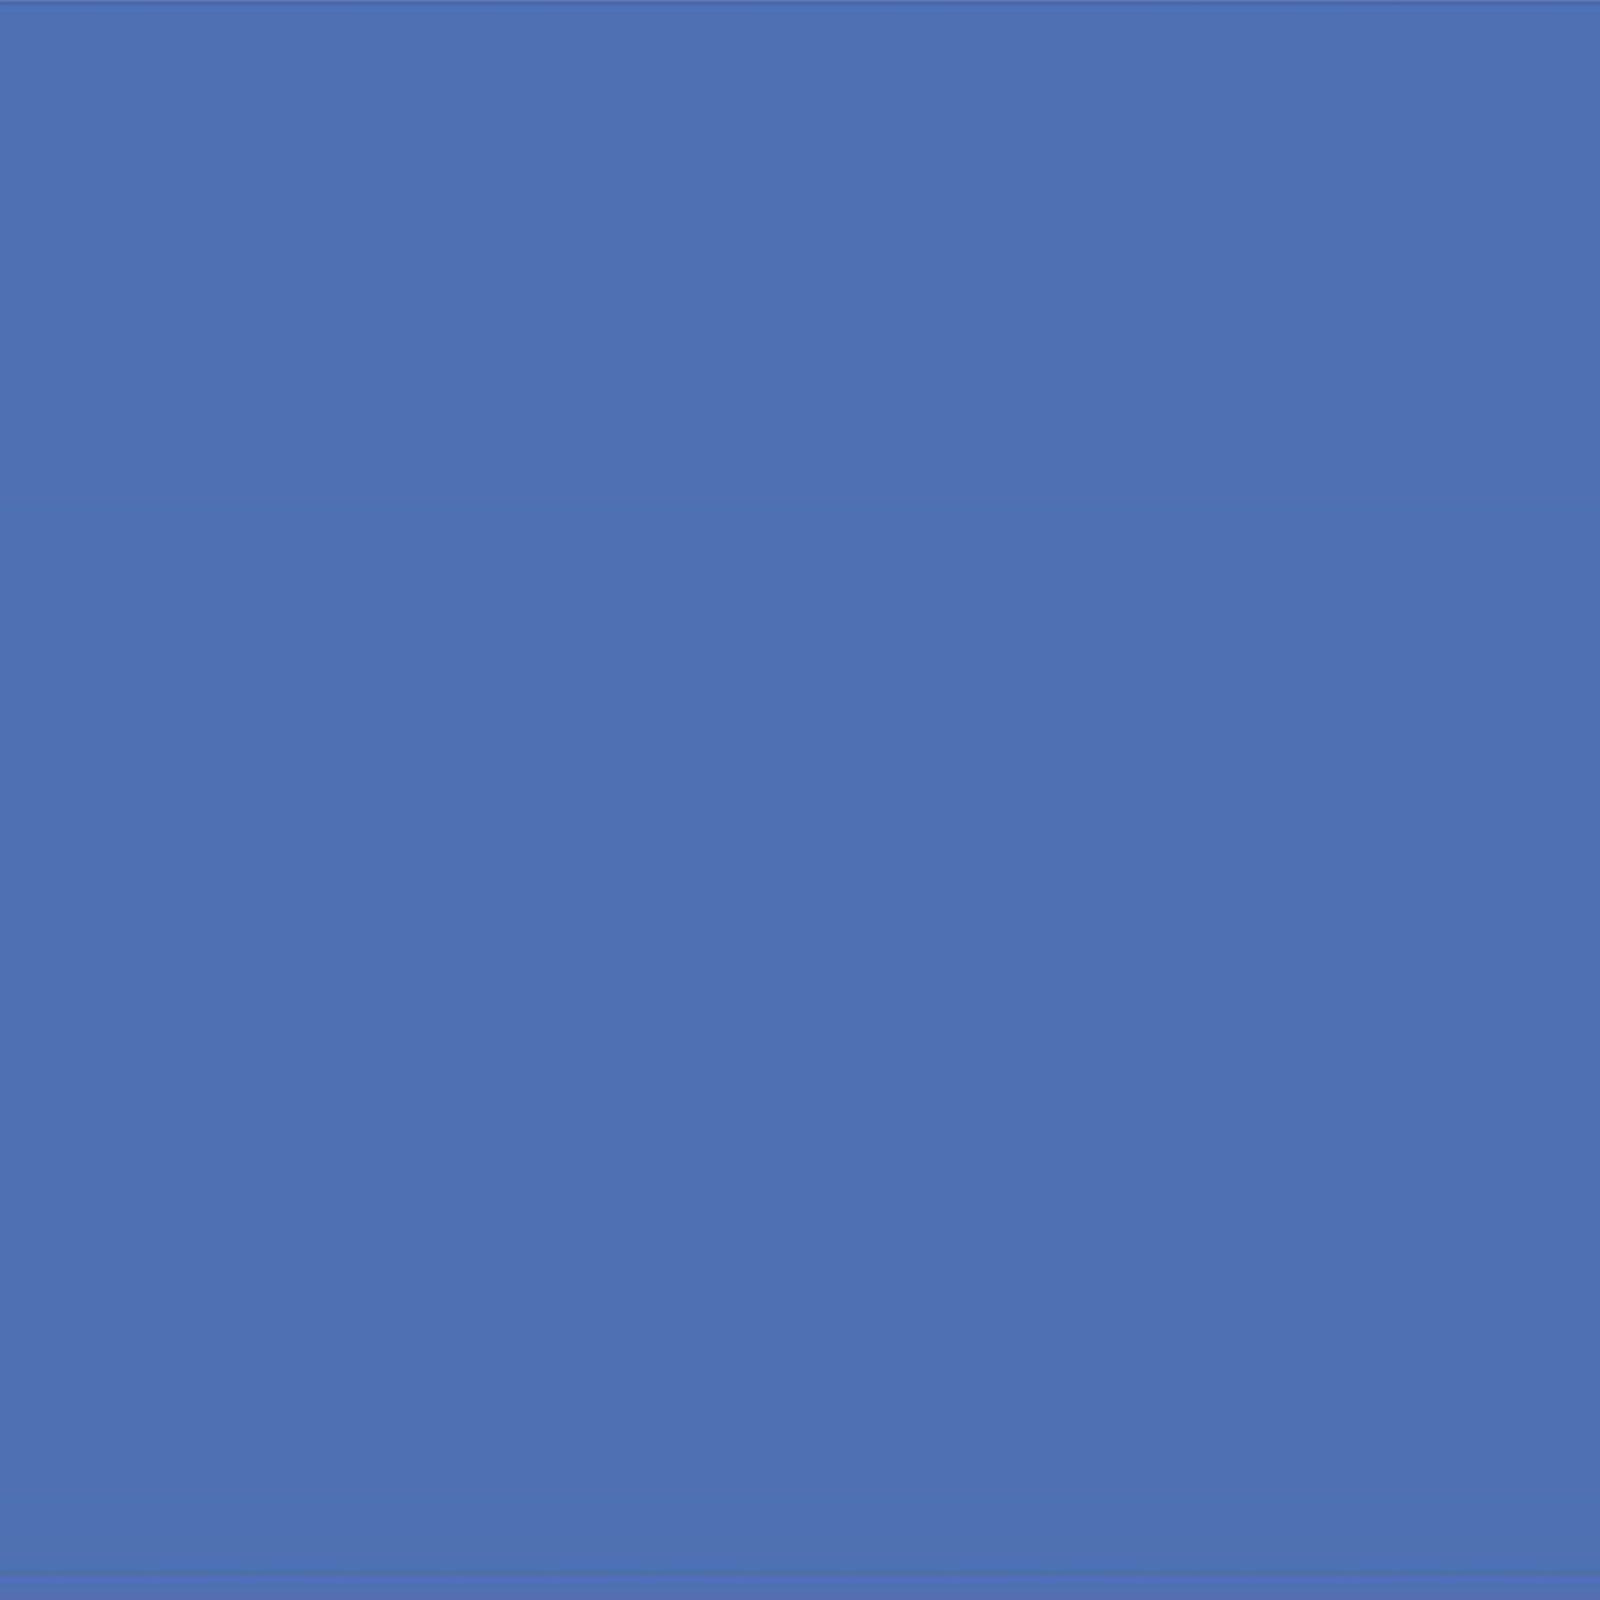 albastru deschis creamy